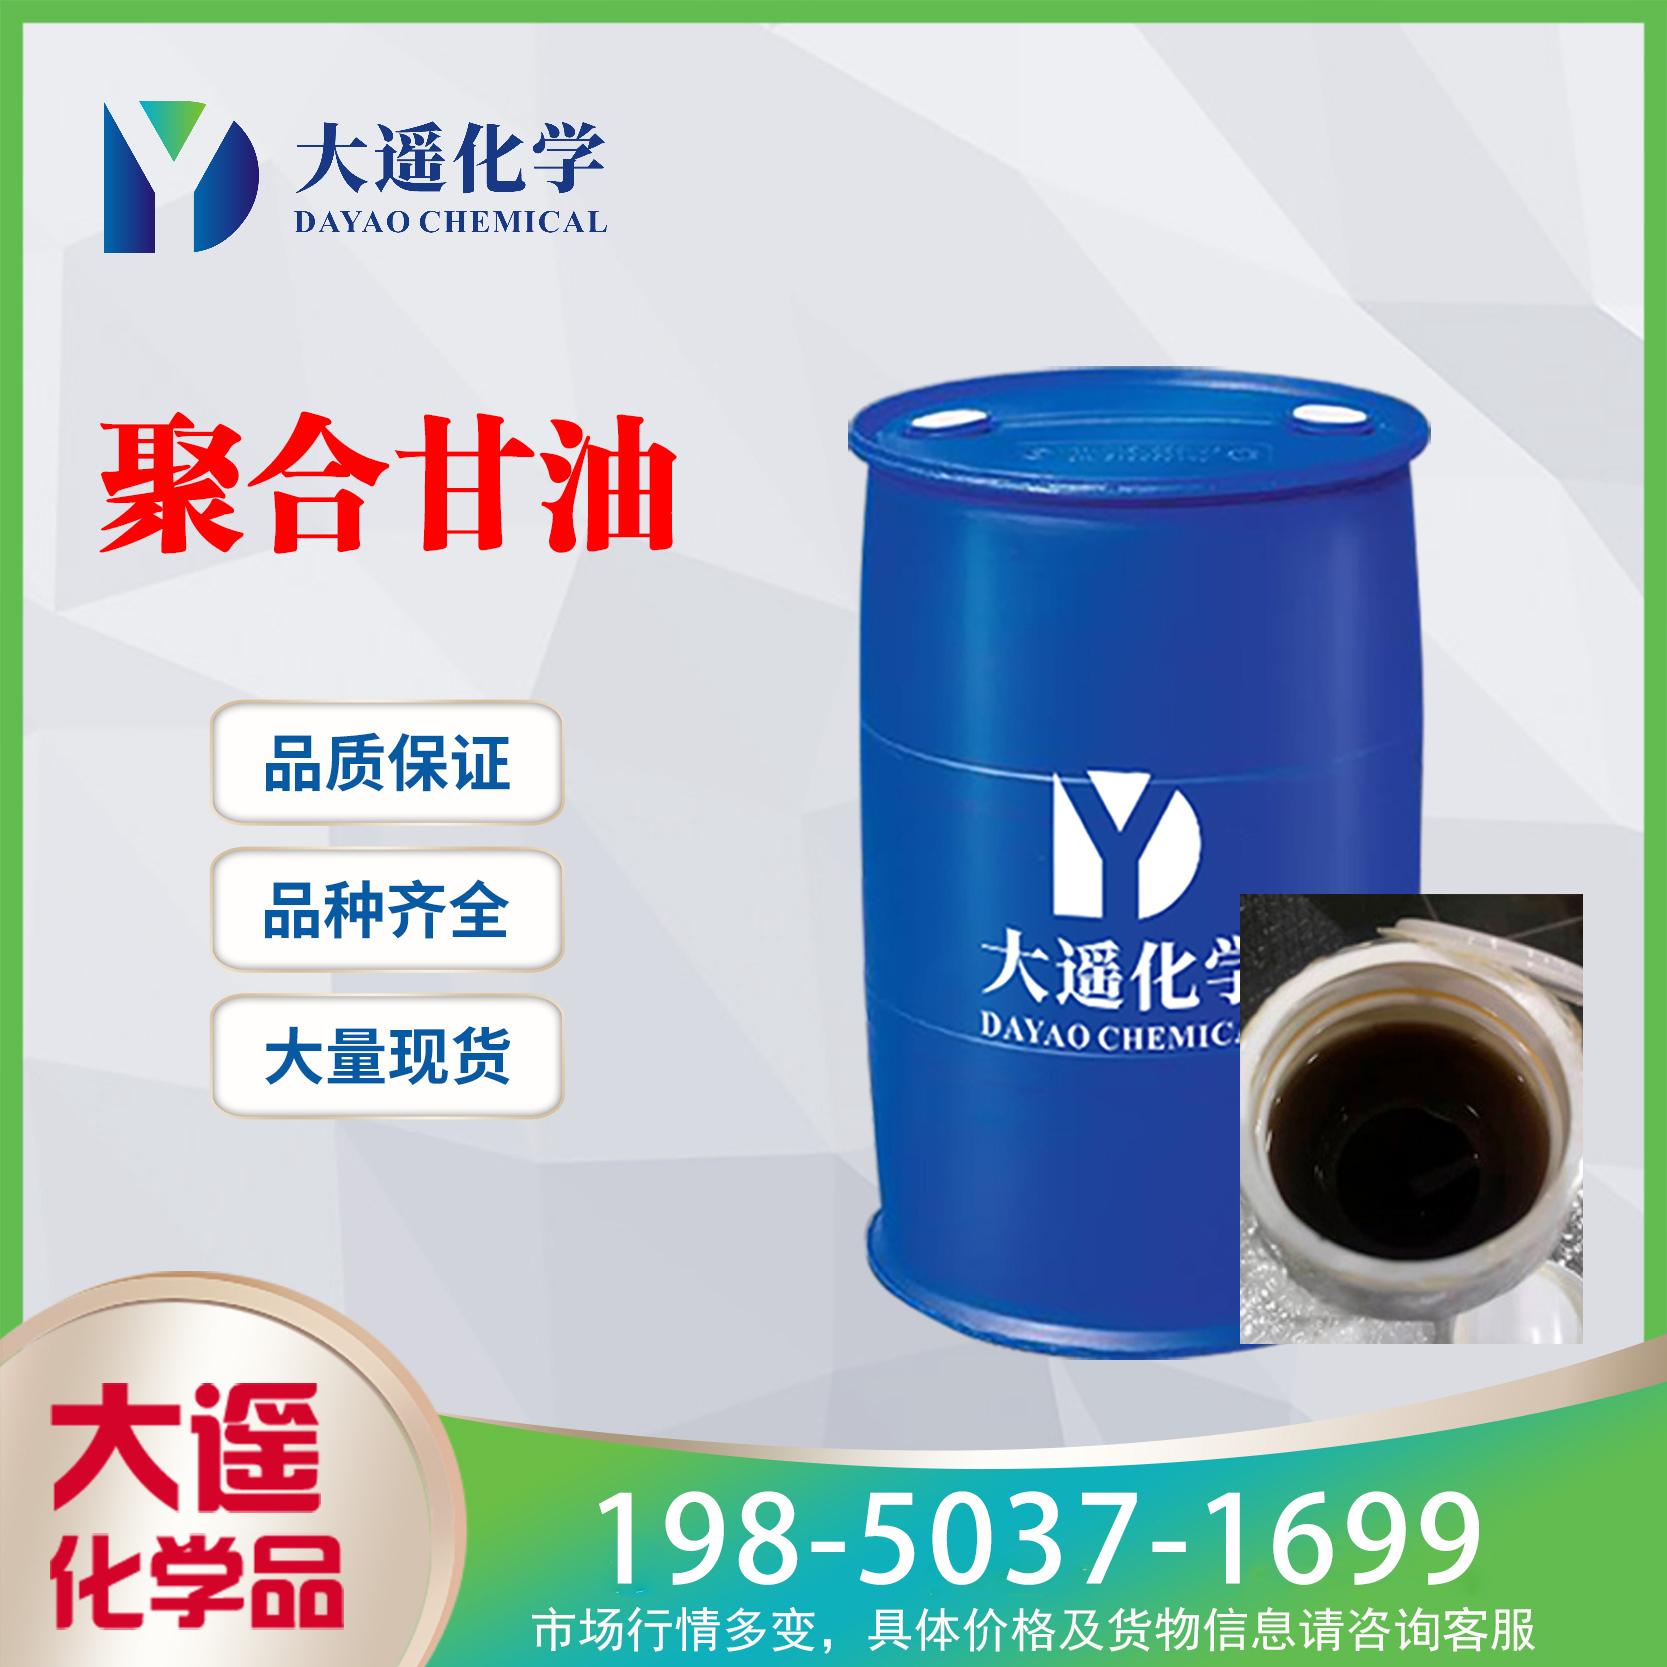 现货供应 聚合甘油 甘油黑脚 三聚甘油 水泥磨助剂原料 提供样品